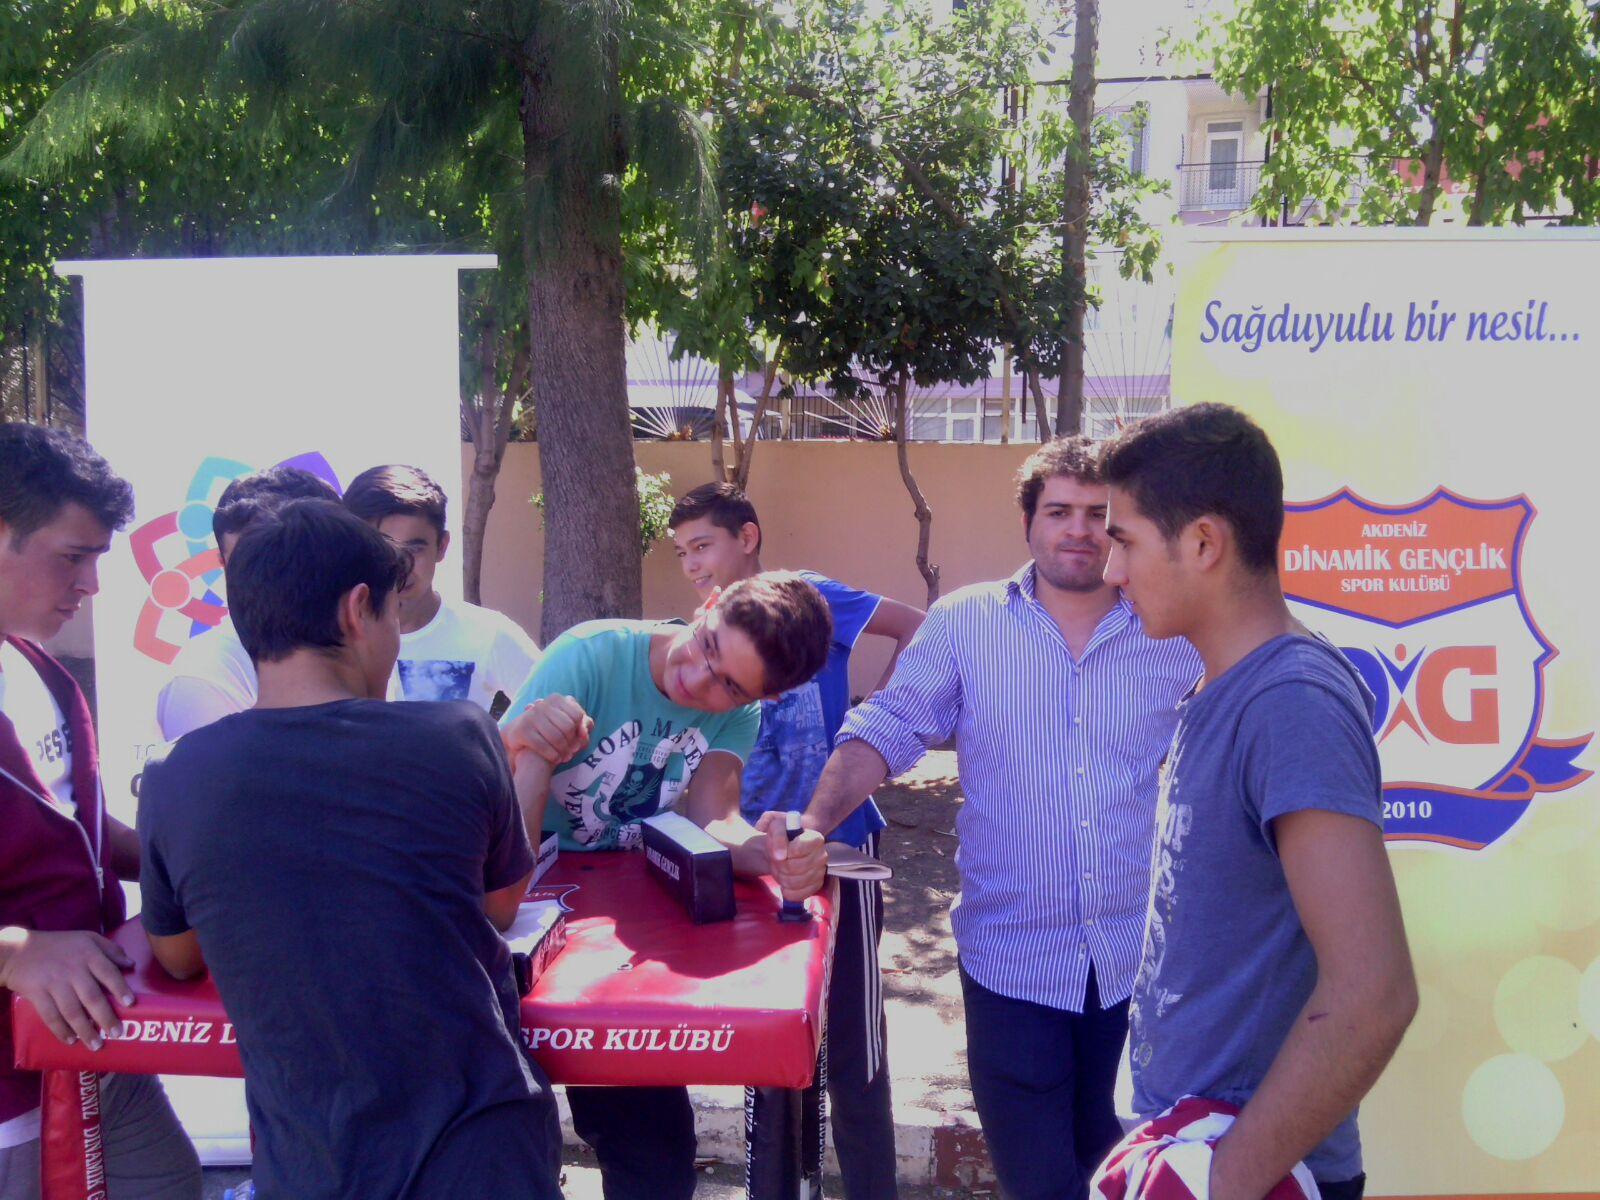 Antalya Dinamik Gençlik, Bilek Güreşi Okul Seçmelerine Başladı